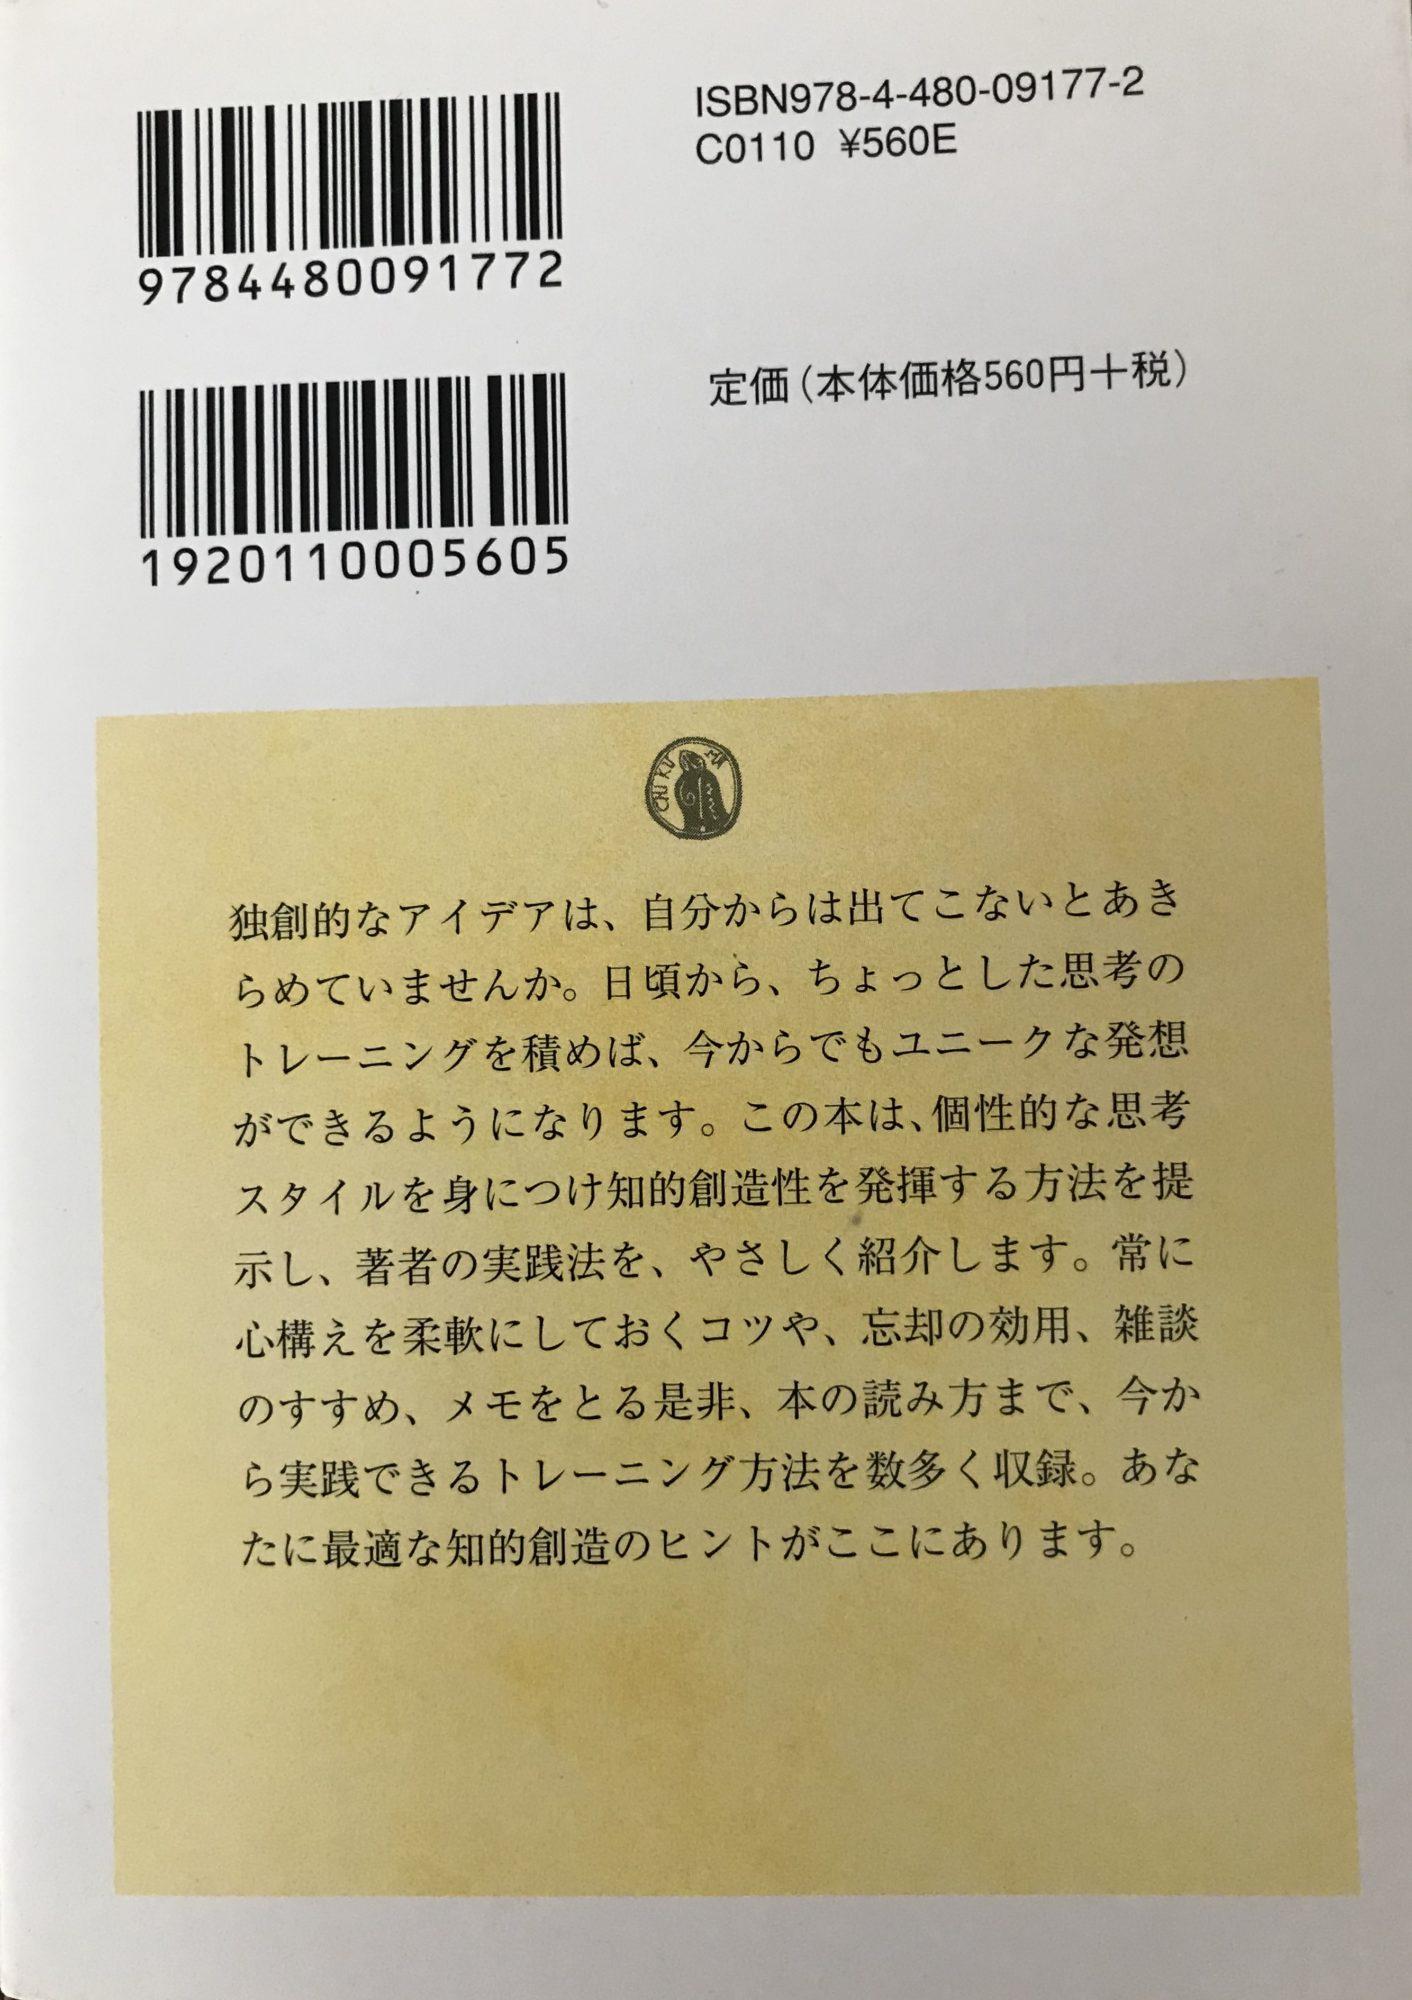 知的創造のヒントという外山滋比古さんの本の裏表紙